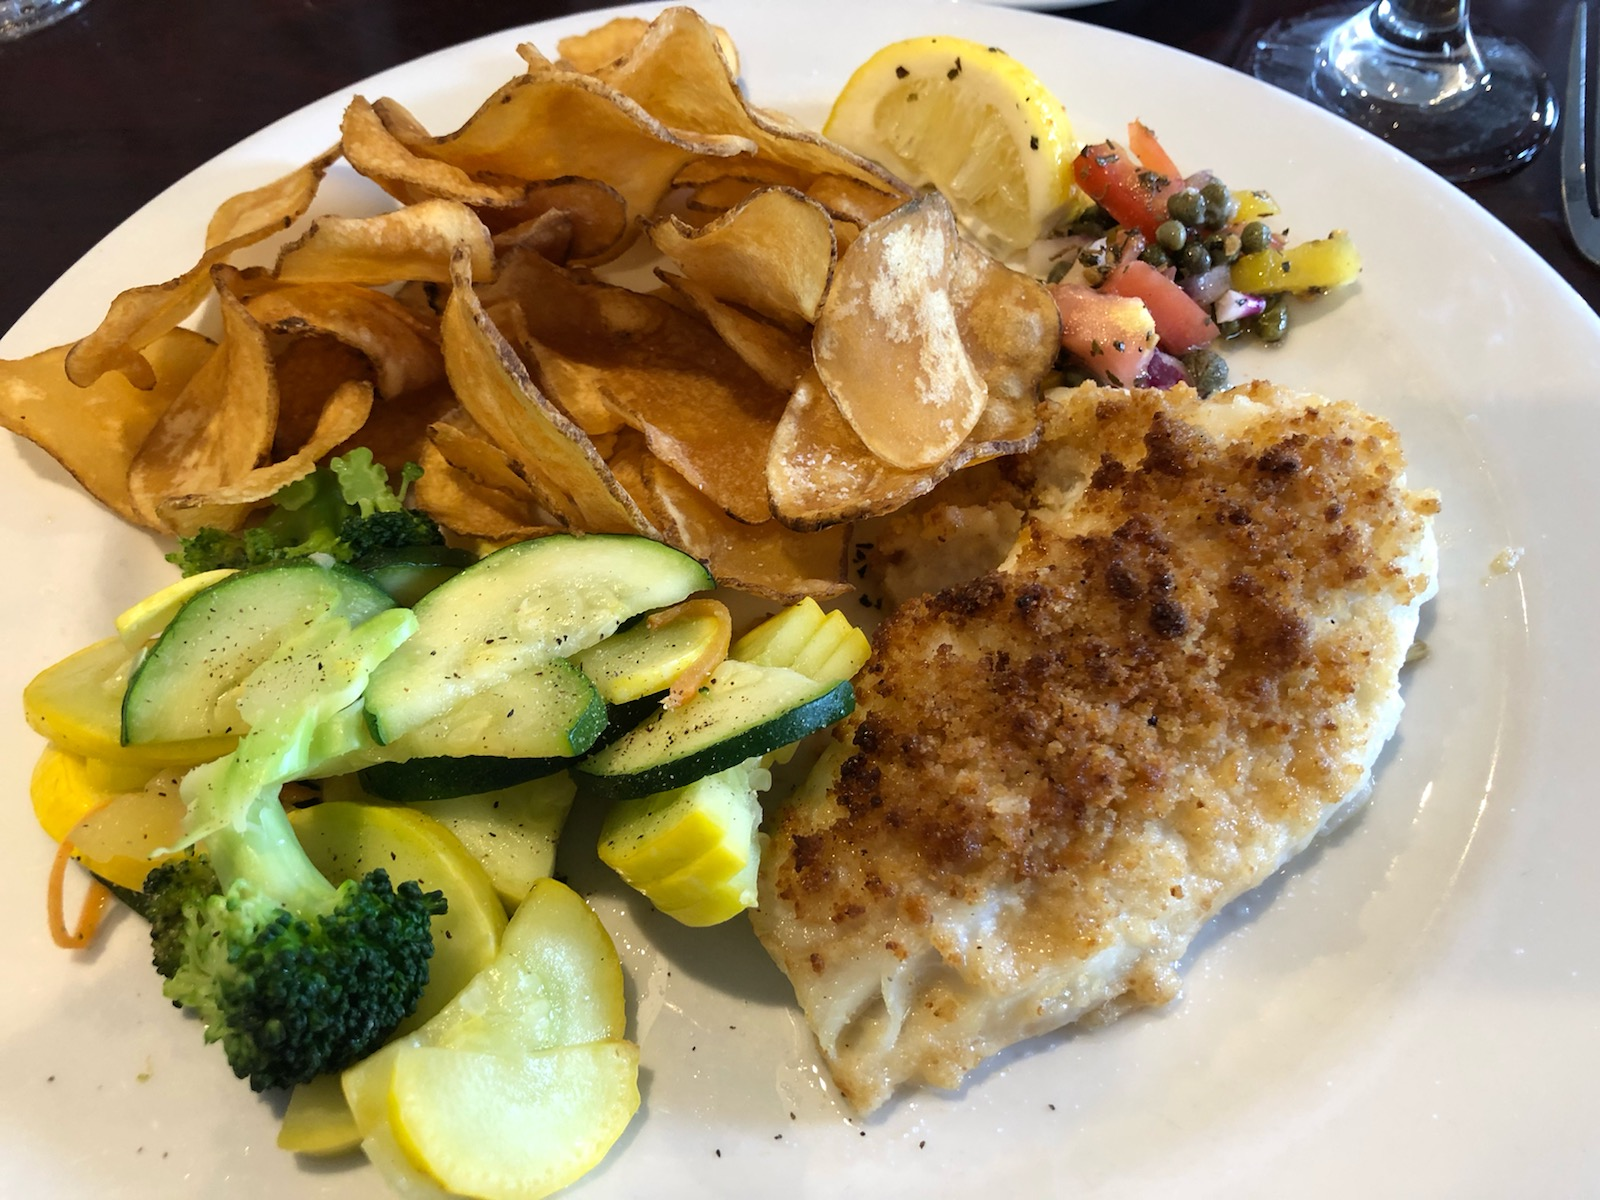 baked haddock